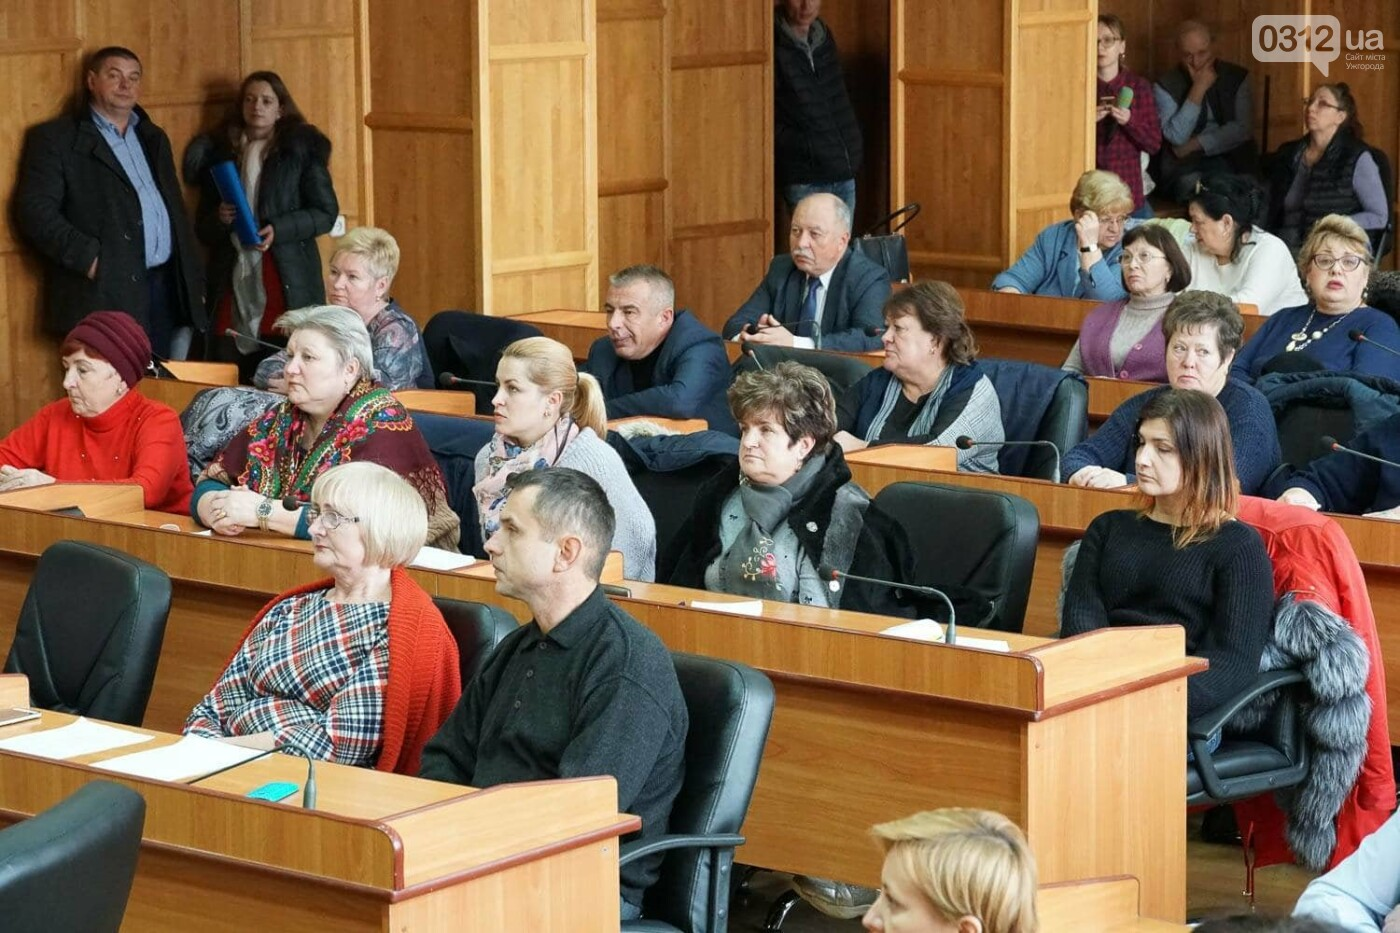 Проєкт бюджету Ужгорода – 2020: на 200 мільйонів менше і з перспективою змін (ІНФОГРАФІКА), фото-4